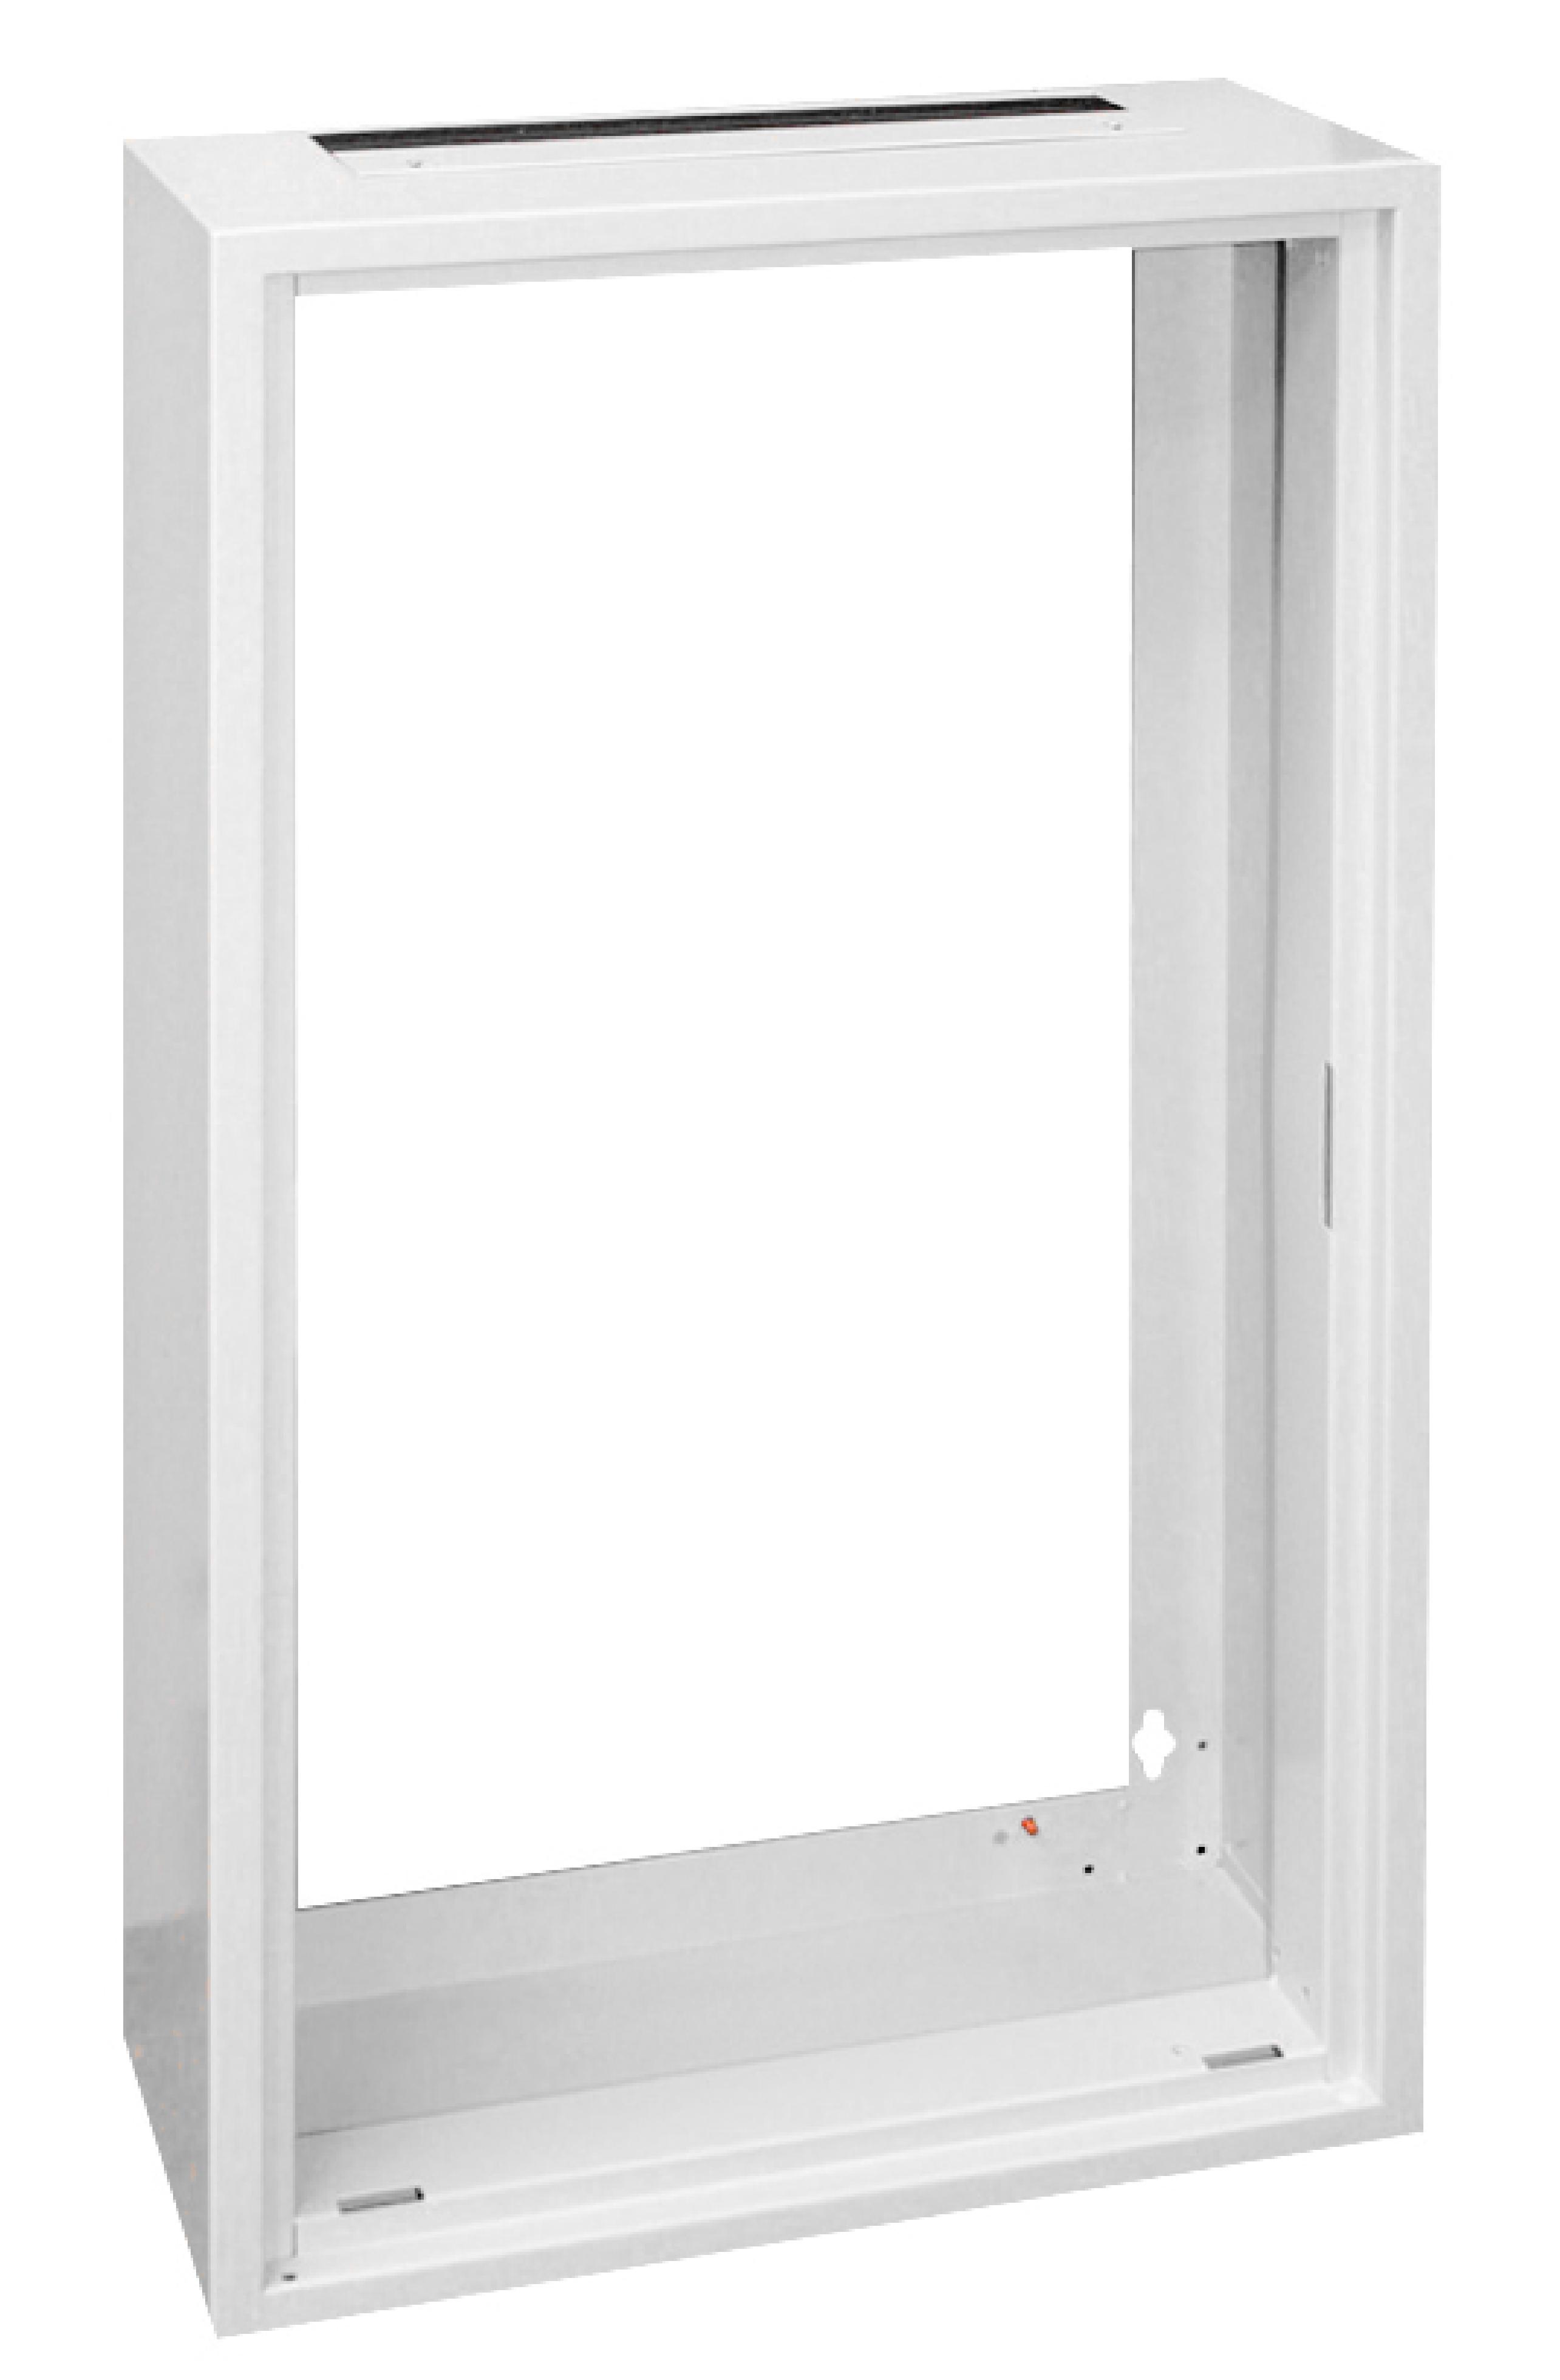 1 Stk AP-Rahmen ohne Türe und Rückwand 4A-45, H2160B1030T250mm IL001445-F